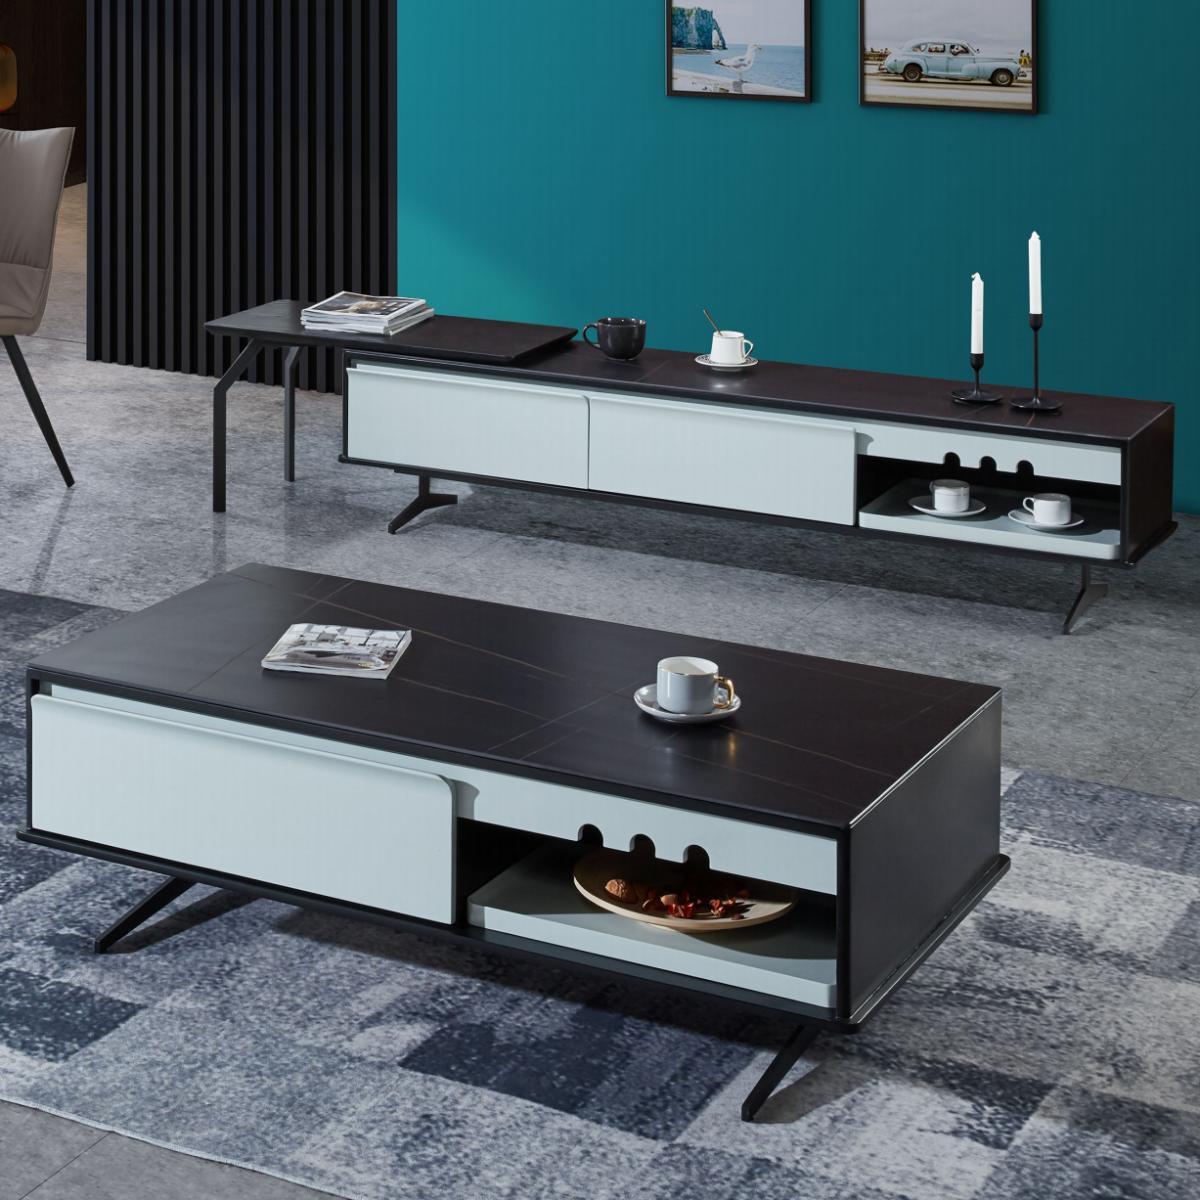 意式轻奢设计师电视柜简约现代茶几电视柜组合客厅套装小户型地柜